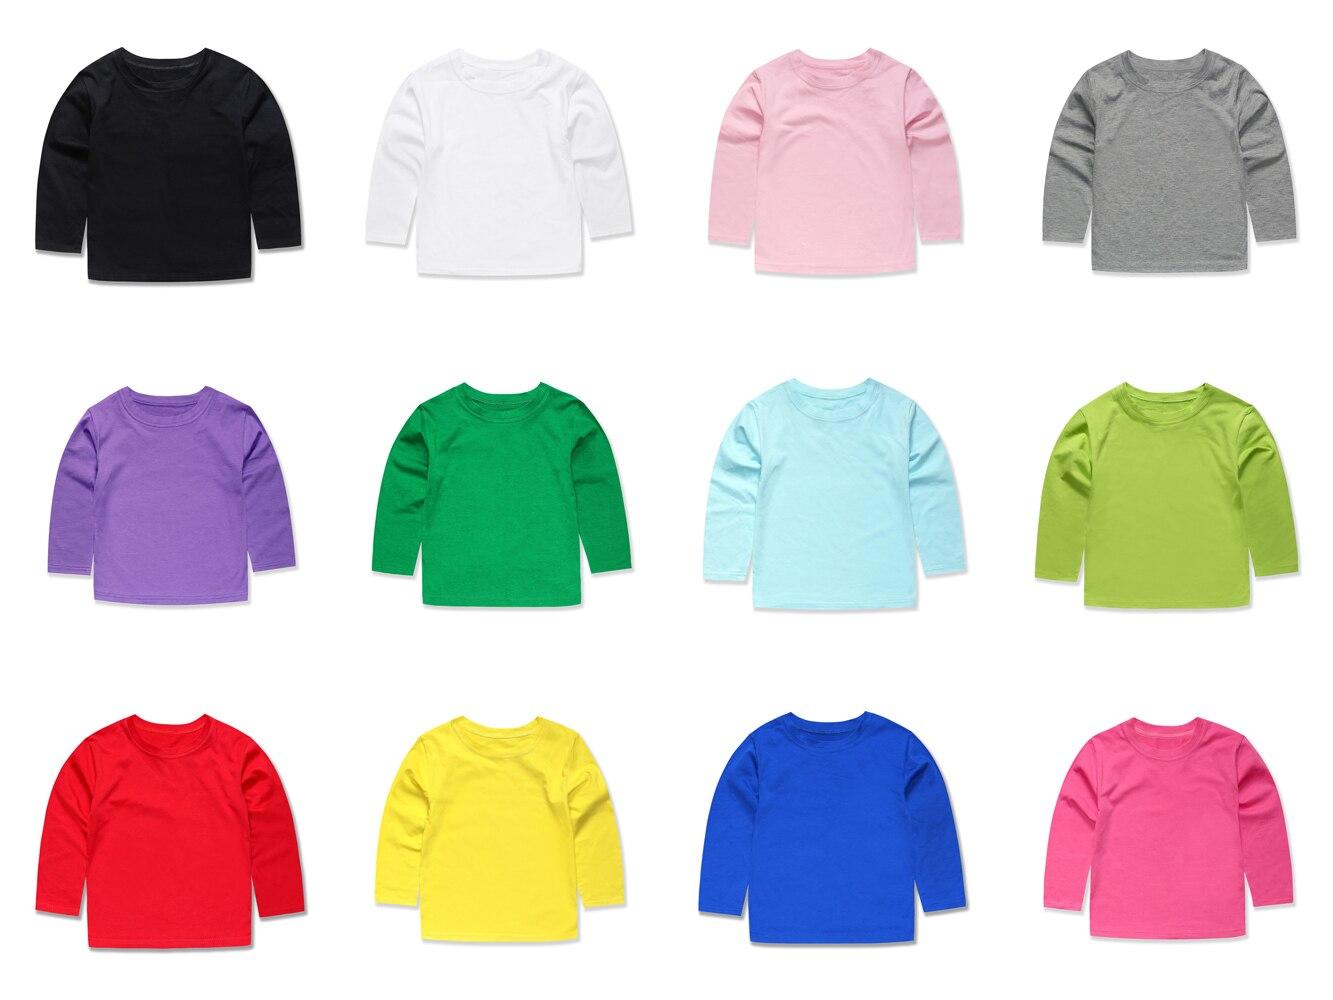 100% QualitäT 2018 Sommer Mode Jungen Mädchen Volle Hülse Plain T Shirts Kinder T-shirts Kinder Solide Tees Mädchen Tops Für 2- 14 Jahre Hoher Standard In QualitäT Und Hygiene